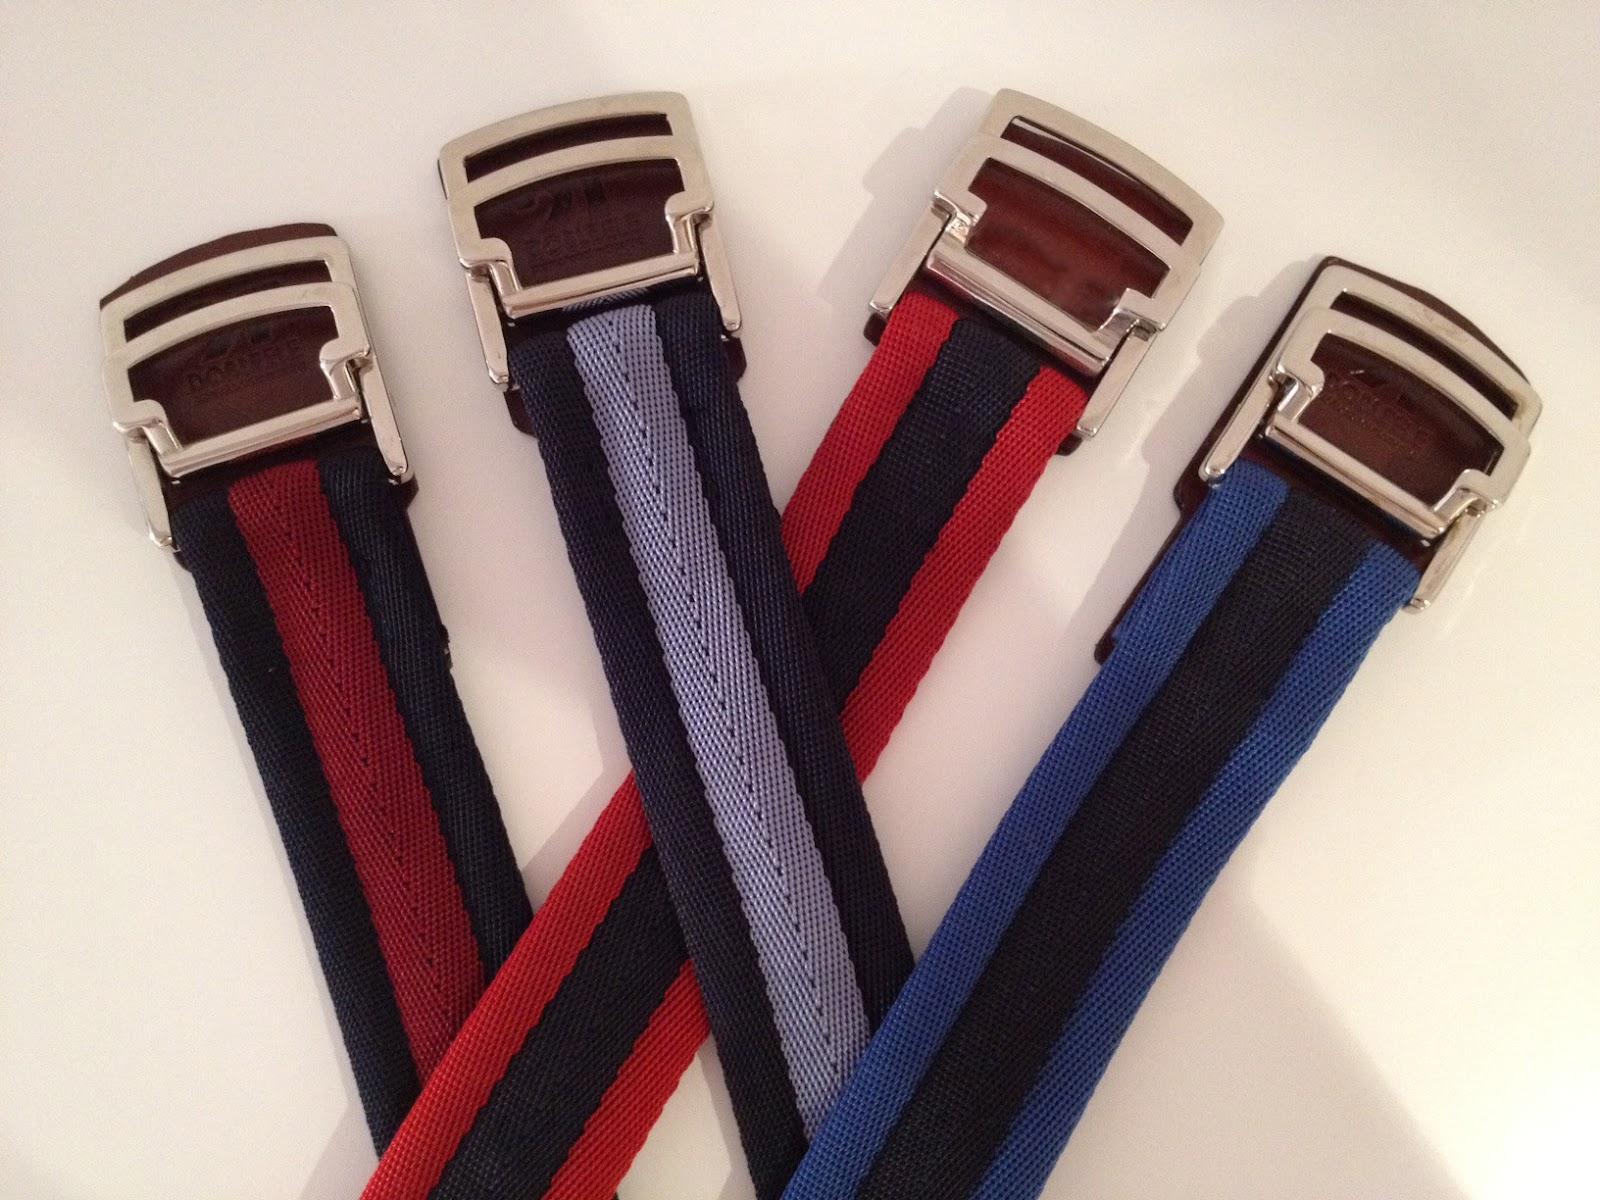 Cinturones Fendi Para Hombre The Art Of Mike Mignola